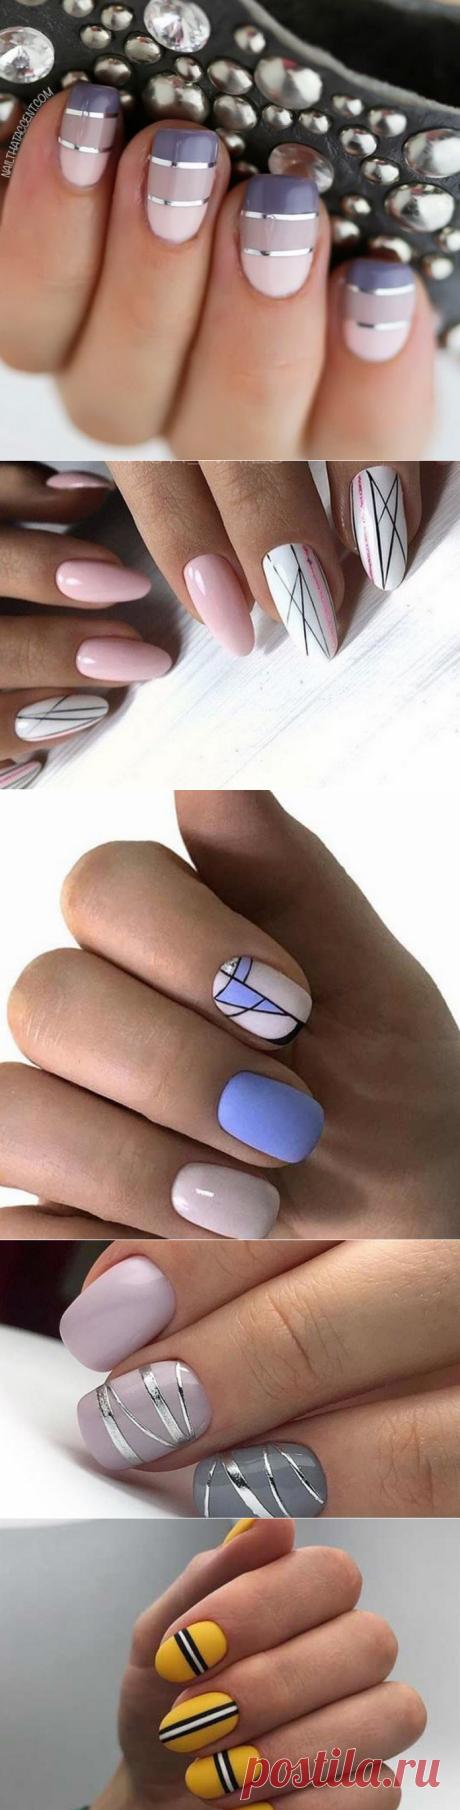 Стильный маникюр с полосками: модные идеи дизайна ногтей | Ногти и макияж